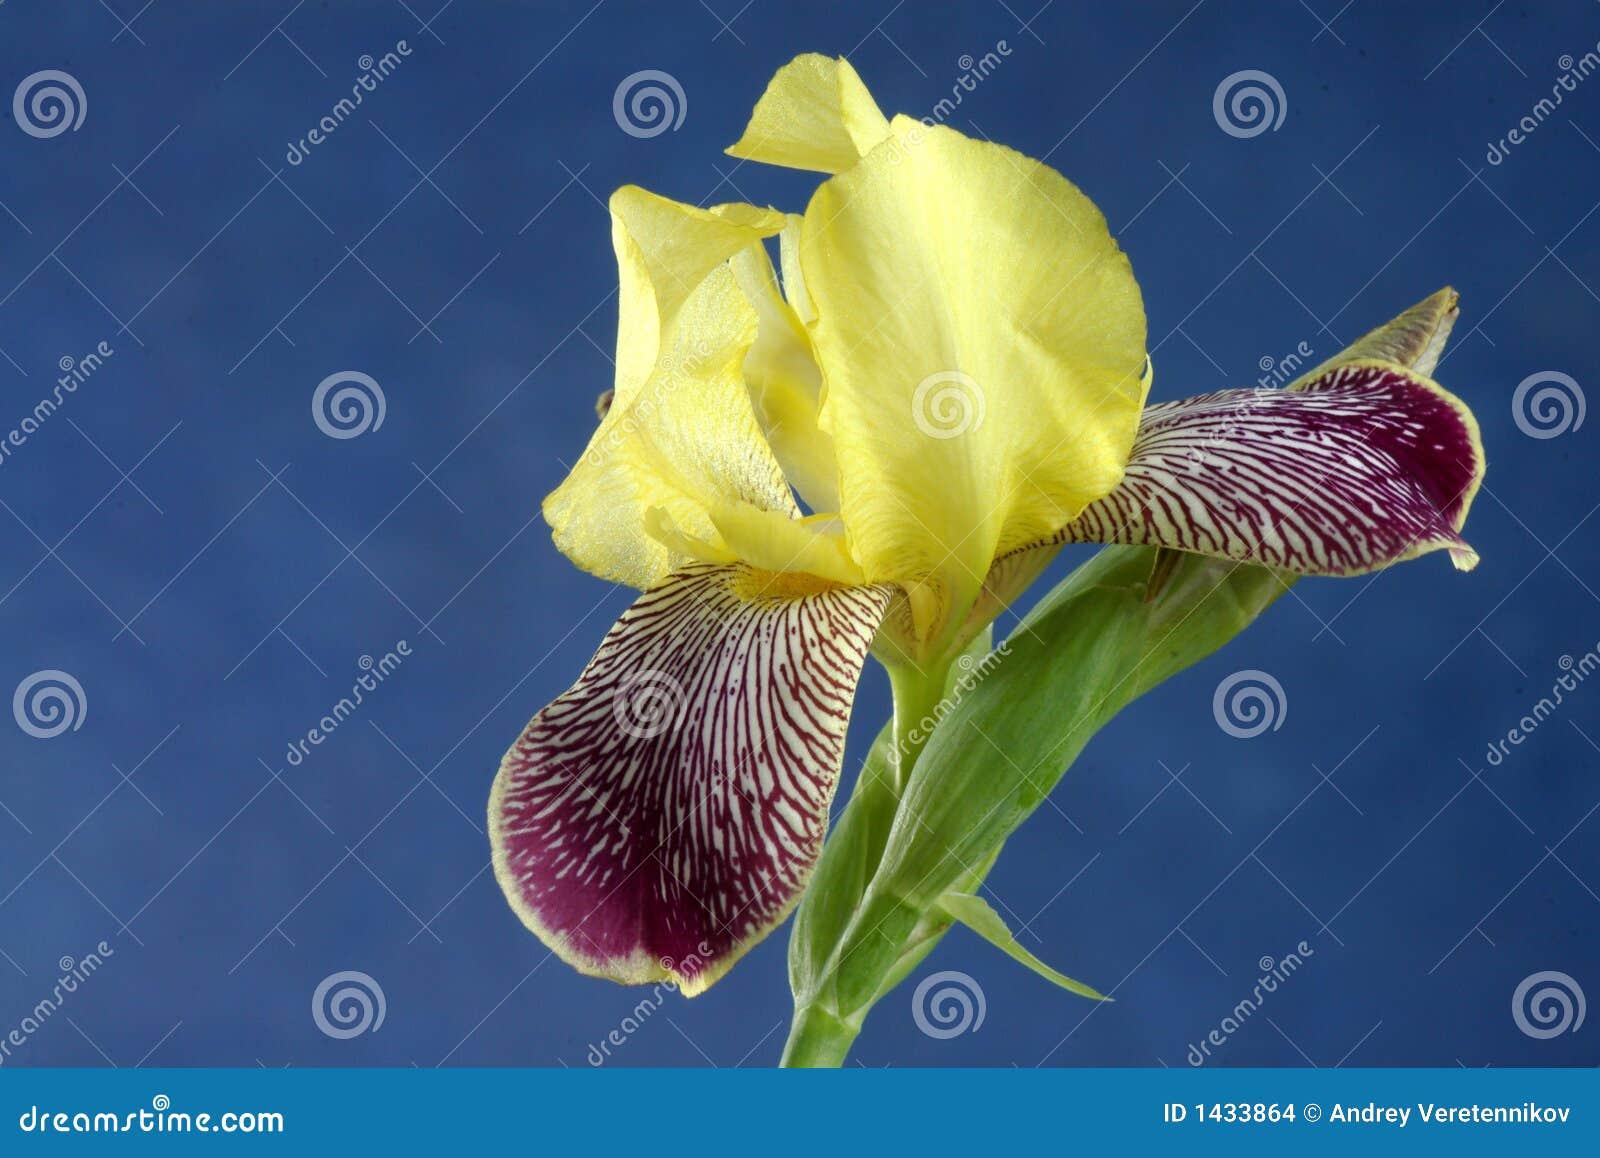 iris blume stockfoto bild von aufbau leben zunahme 1433864. Black Bedroom Furniture Sets. Home Design Ideas